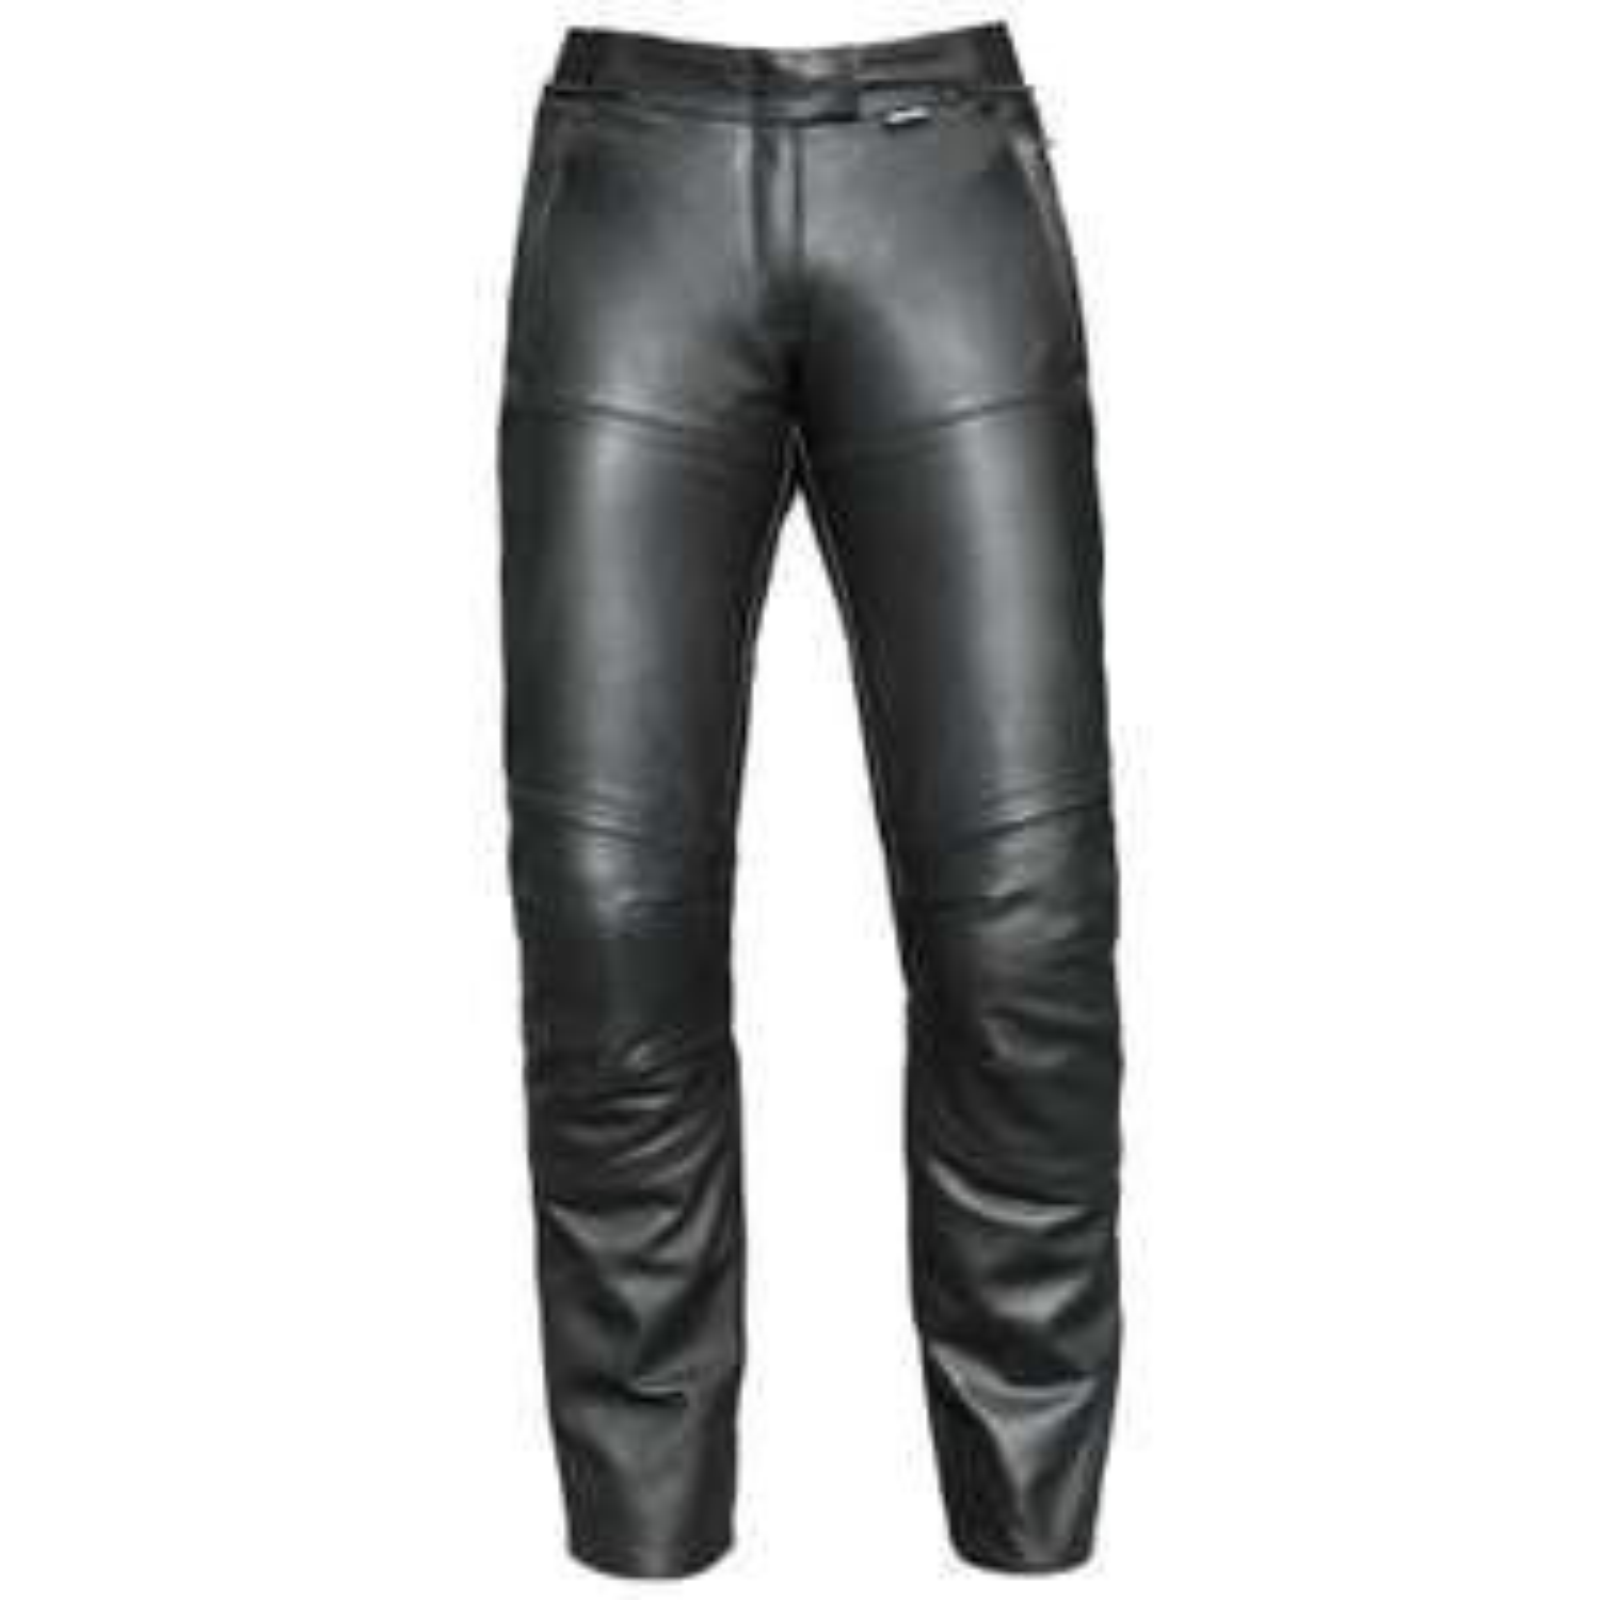 Hein Gericke Sienna 3 Damen Lederhose schwarz für 53,94€ in Gr. 36, 42 und 44 (Ab 15.01. 20 Uhr)